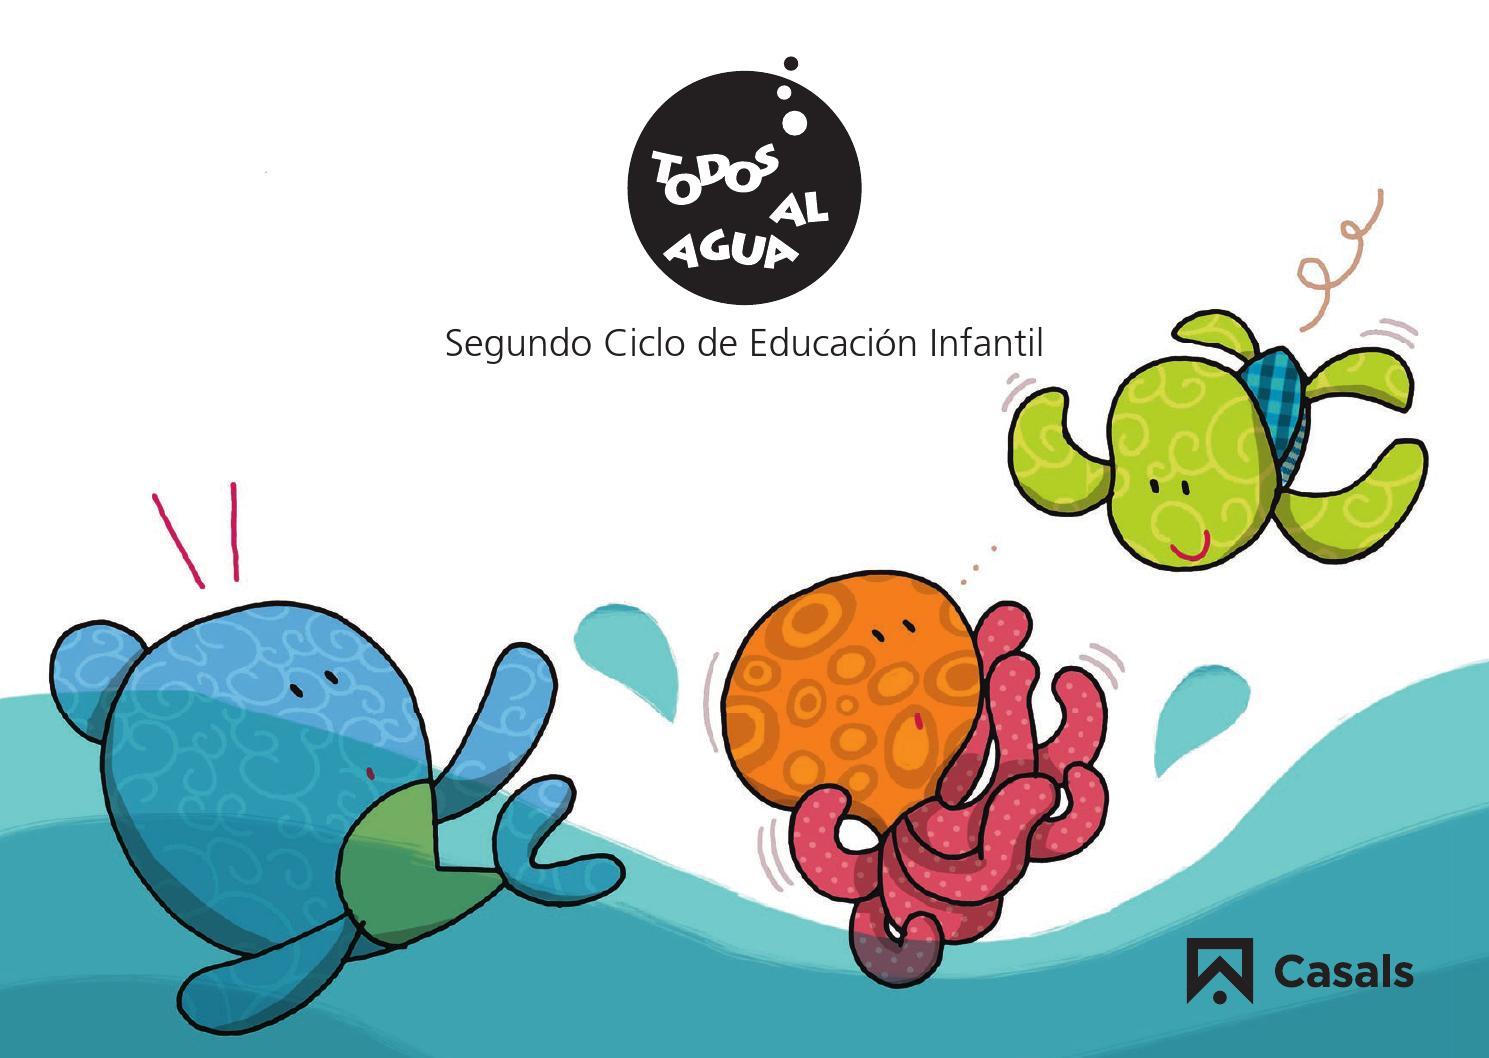 Todos Al Agua Proyecto De 2 º Ciclo De Educación Infantil De Editorial Casals 2015 By Editorial Casals Issuu